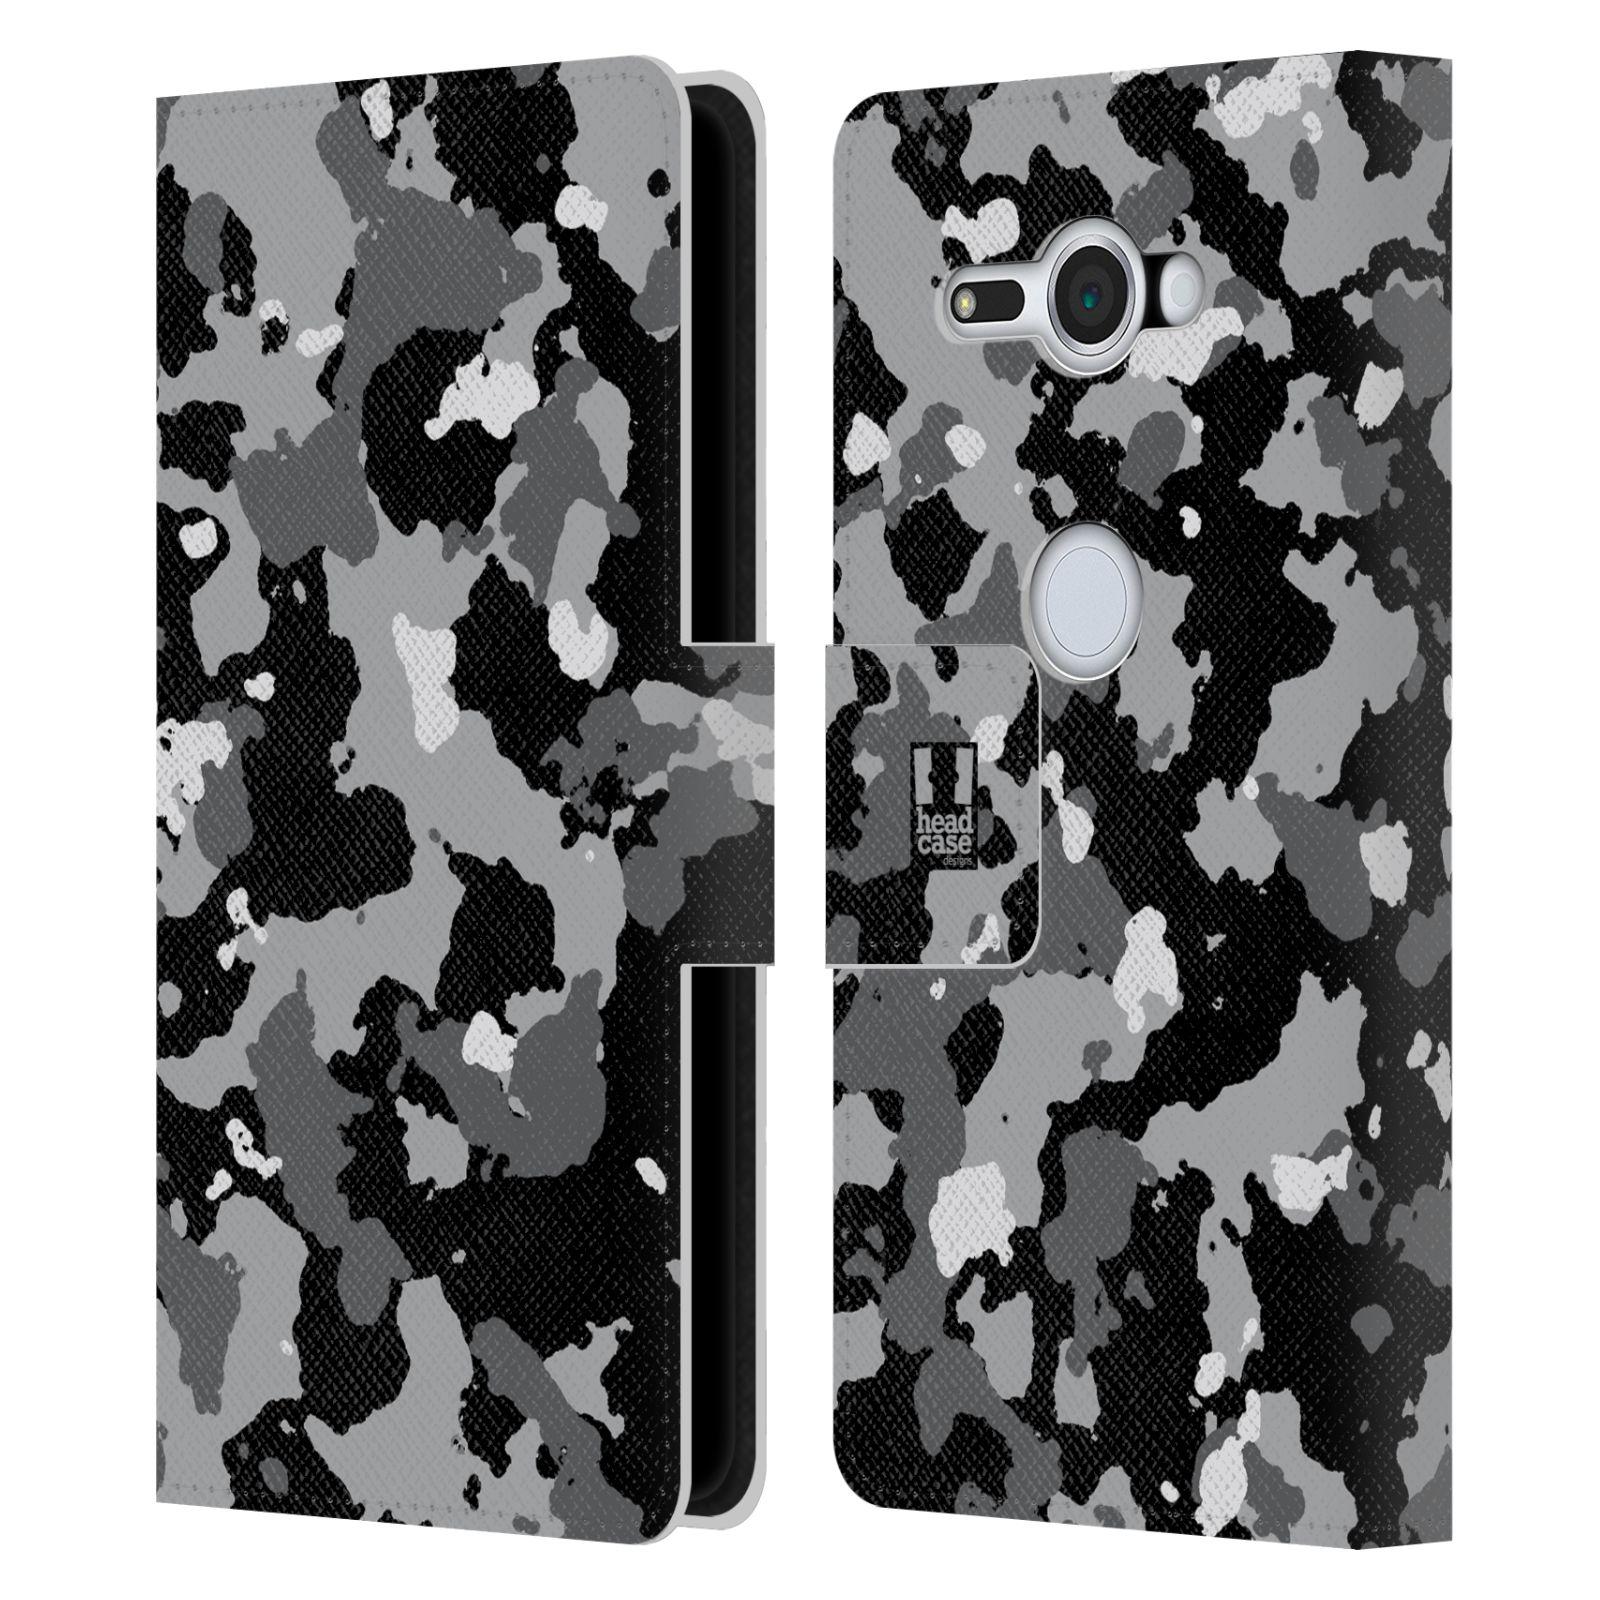 Pouzdro na mobil Sony Xperia XZ2 Compact - Head Case - kamuflaž černá a šedá